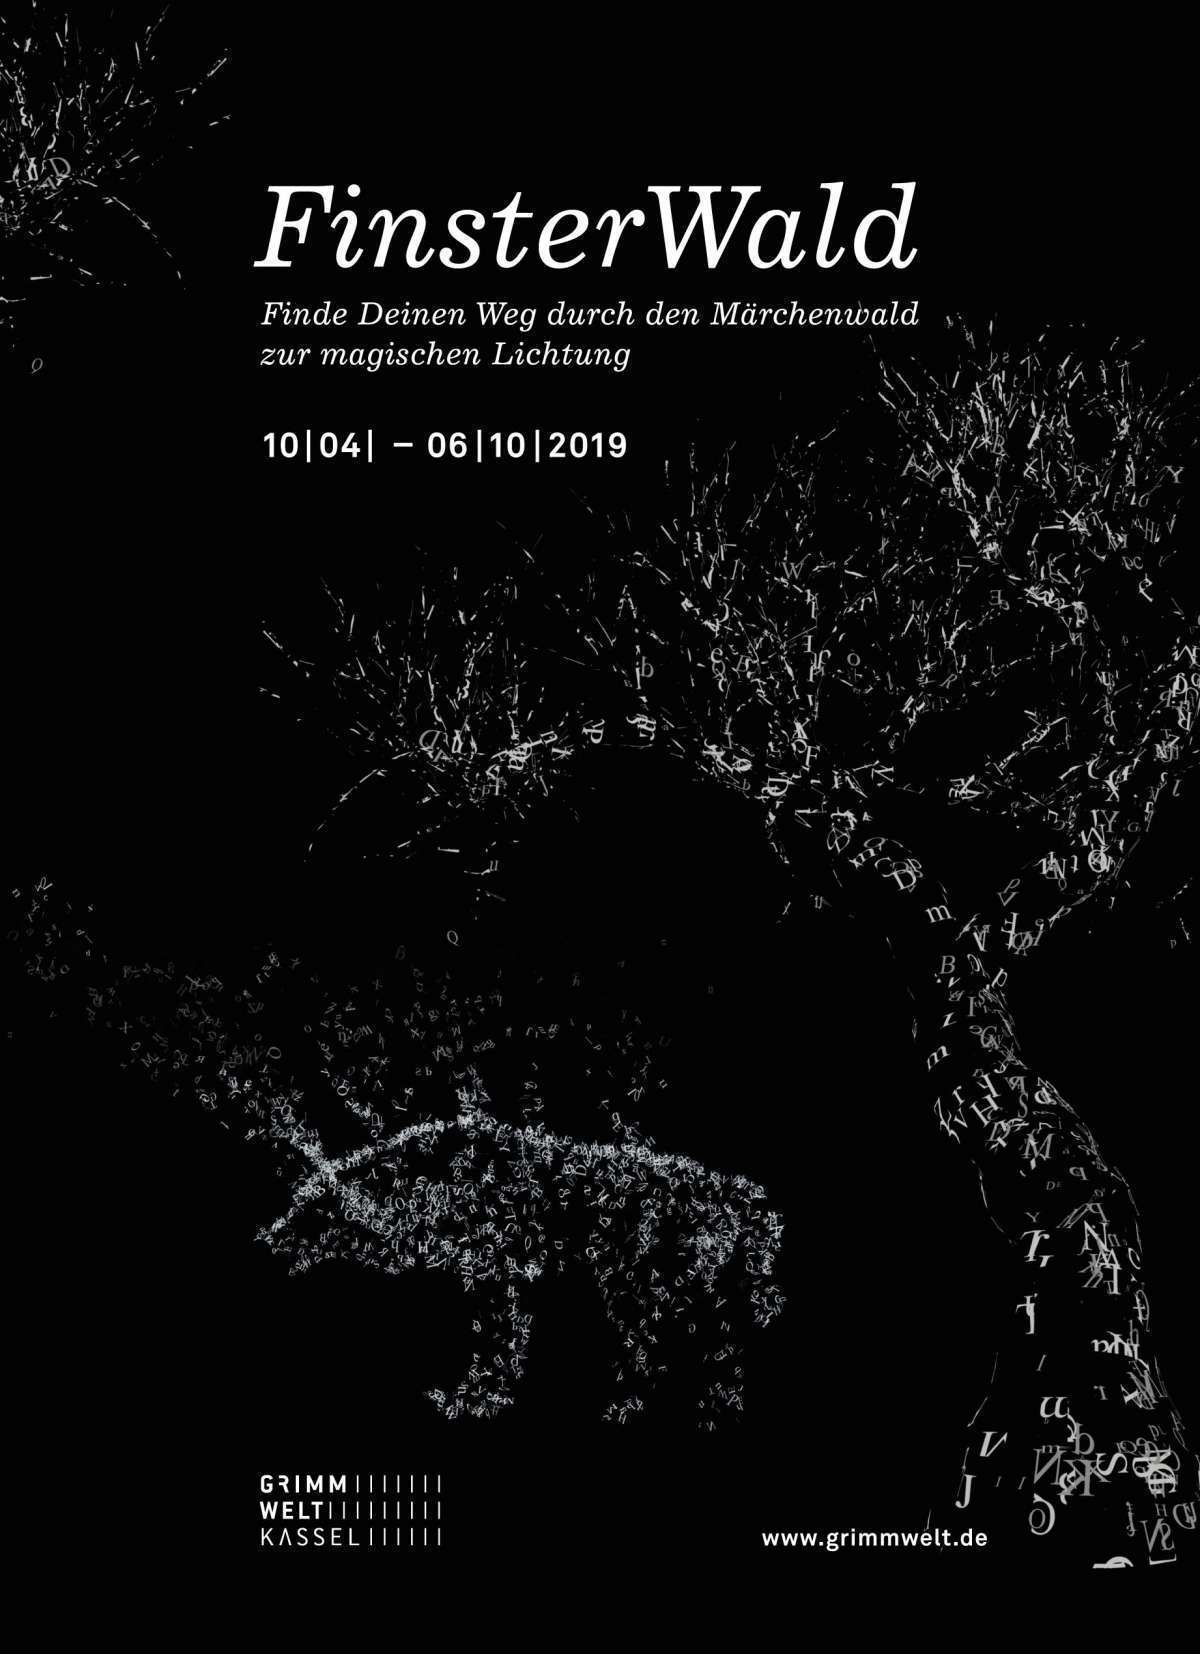 Veranstaltungen & Events am »Donnerstag, 19. September 2019« in deiner Nähe...